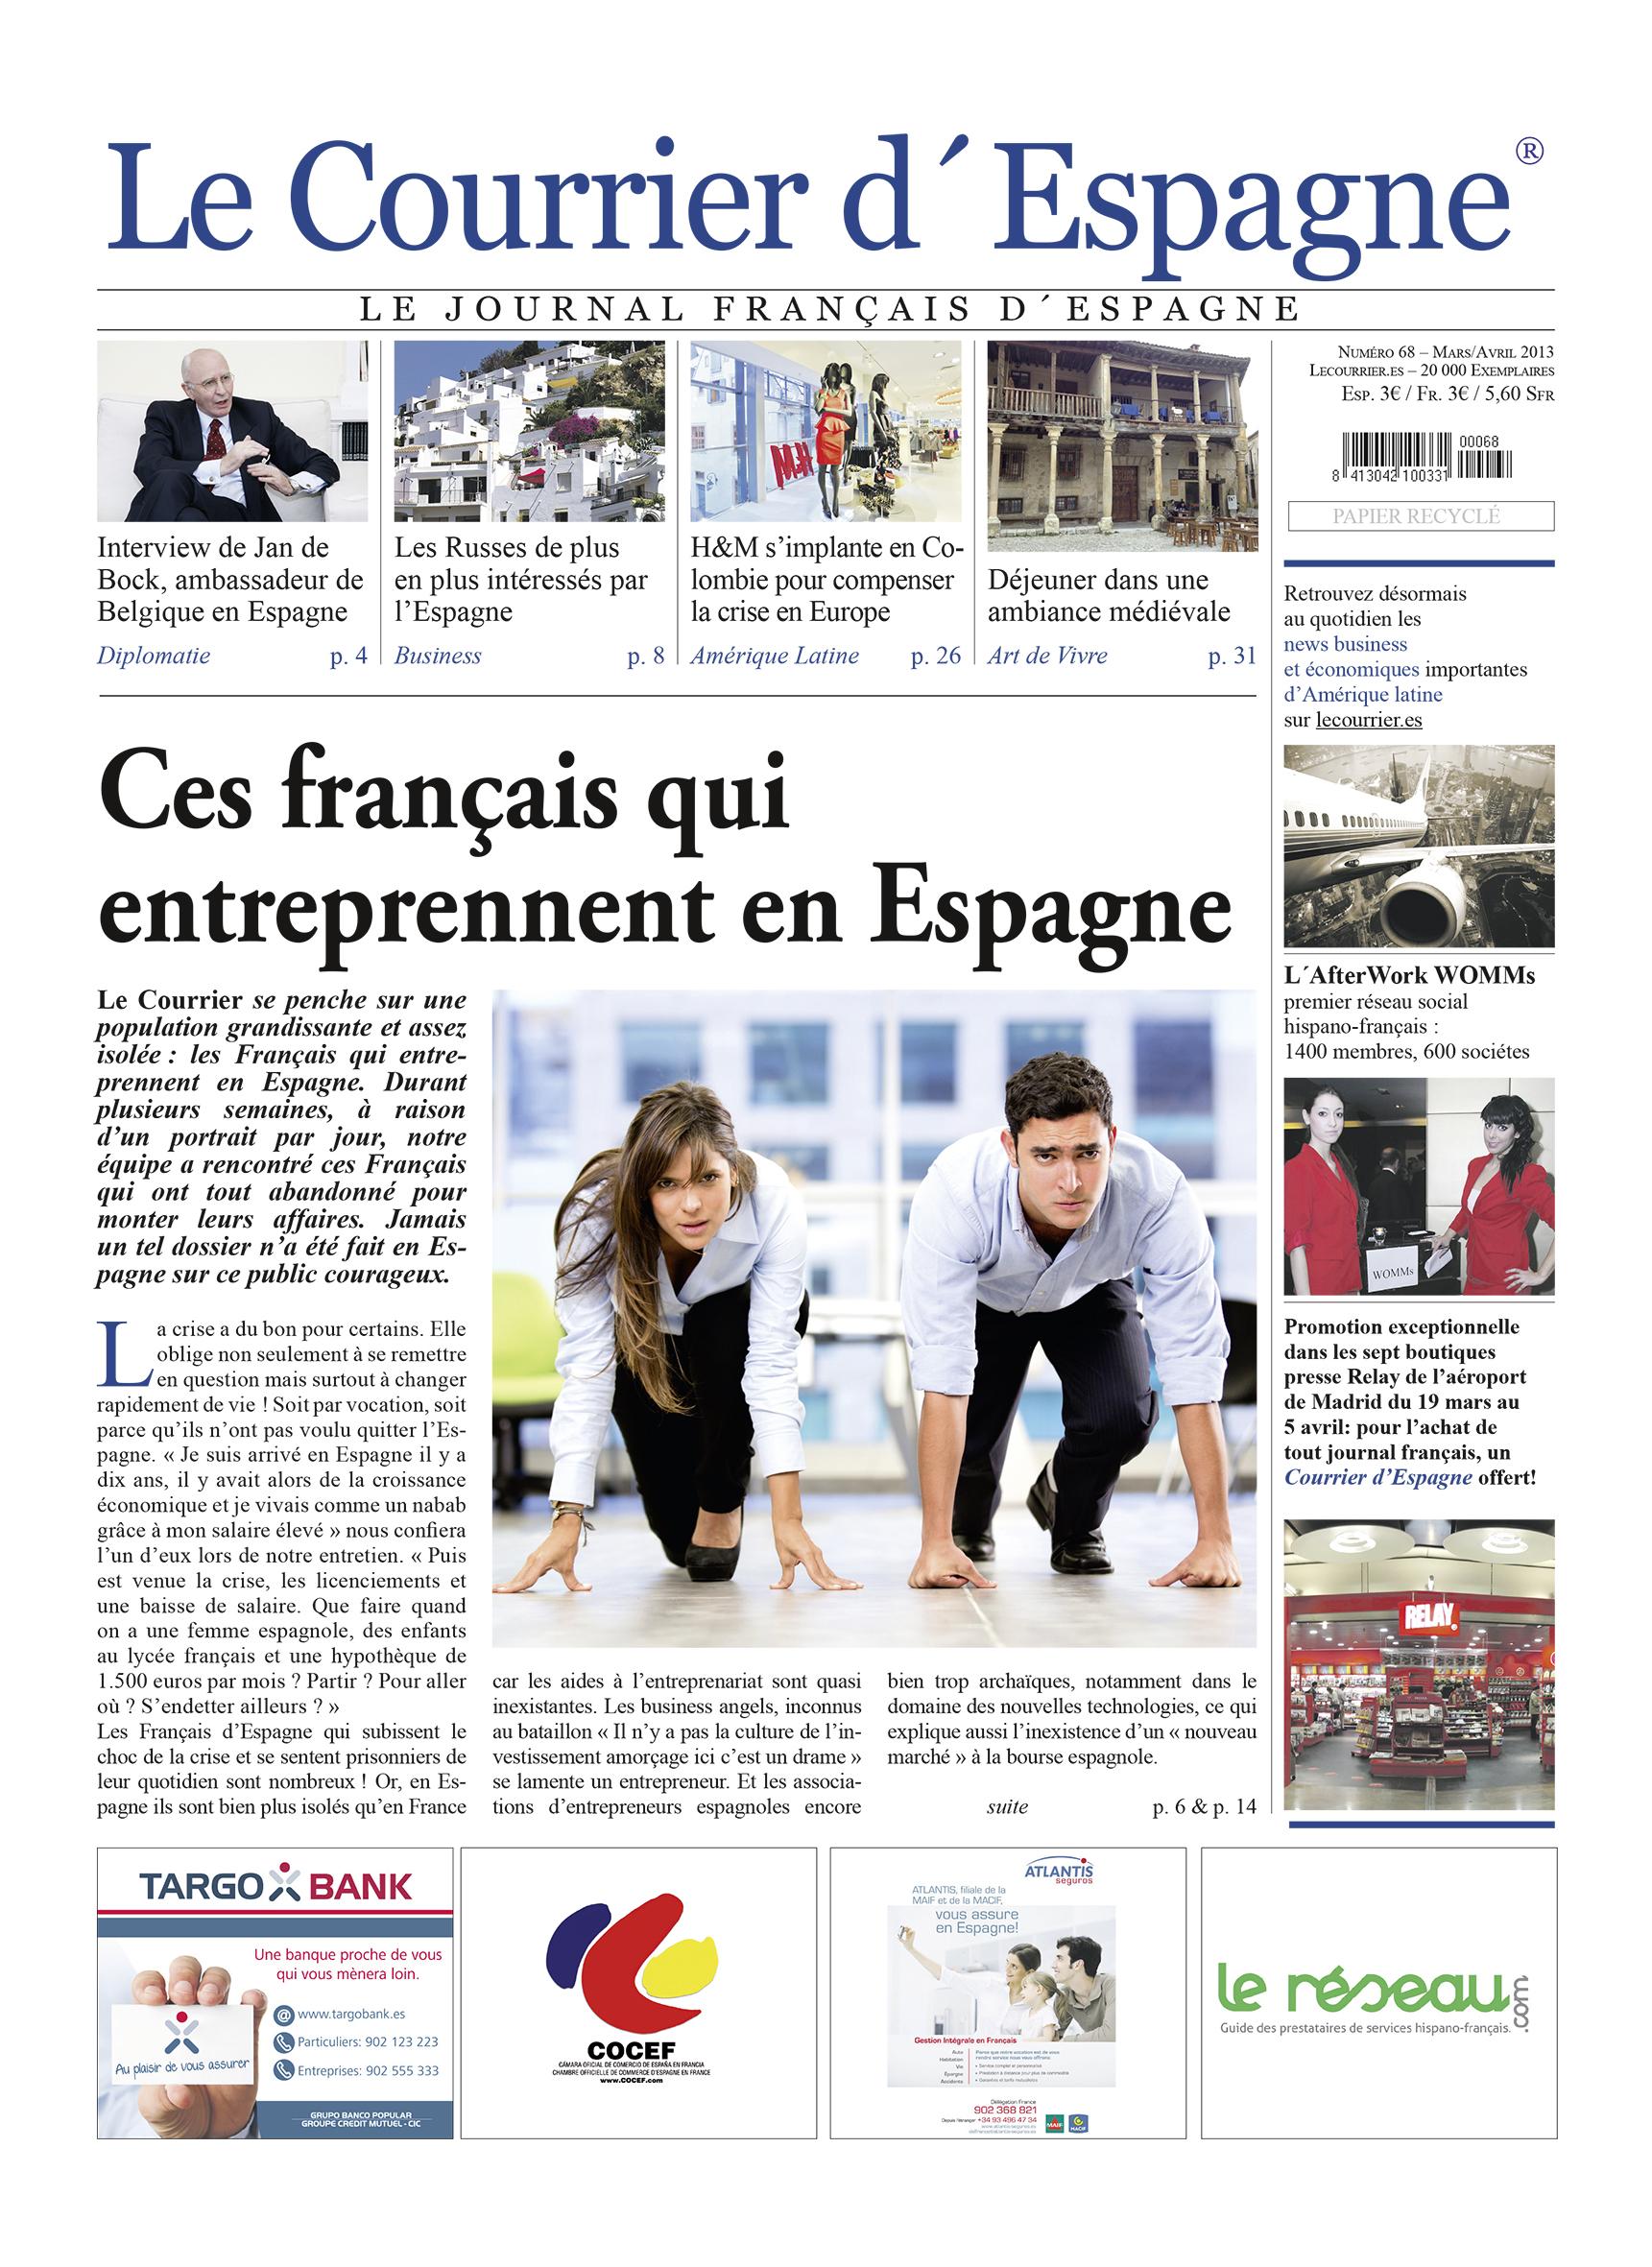 Courrier dEspagne 68 - 20 march-1